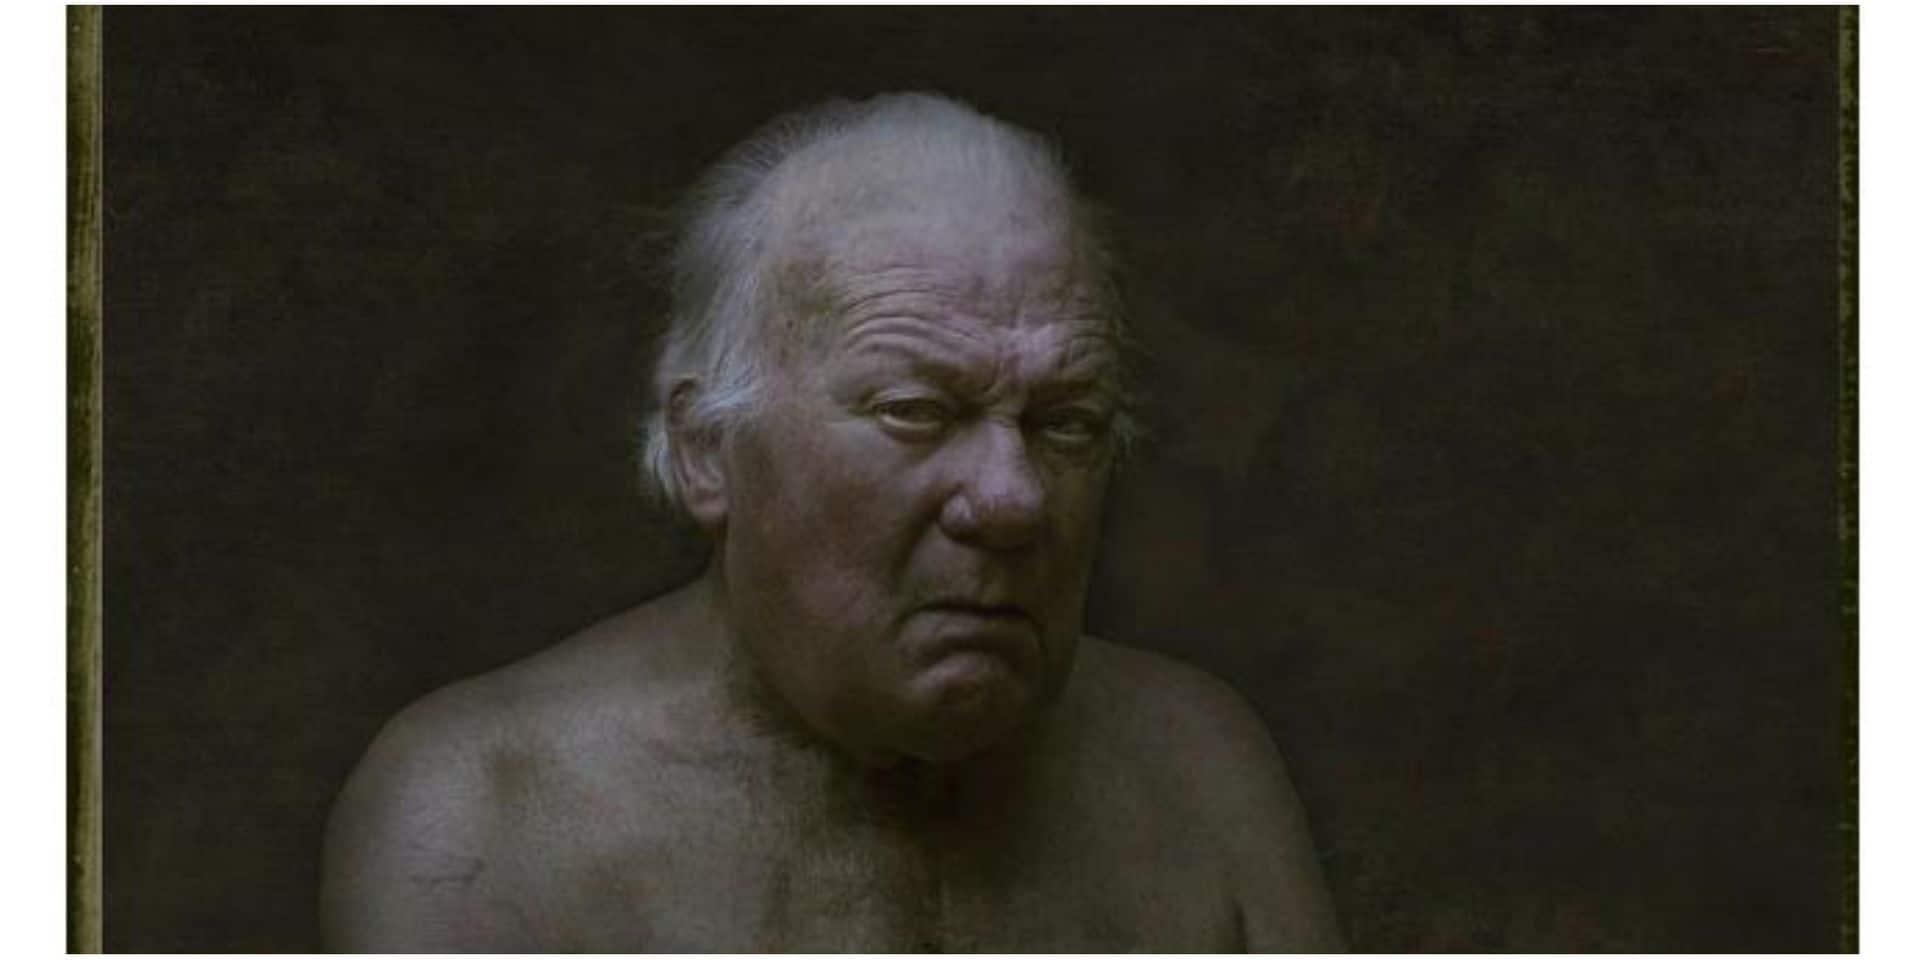 """""""C'était sa dernière séance photos"""": Fabien Dettori venait d'immortaliser Philippe Nahon, inoubliable gueule du cinéma français, décédé d'une maladie aggravée par le Covid-19"""